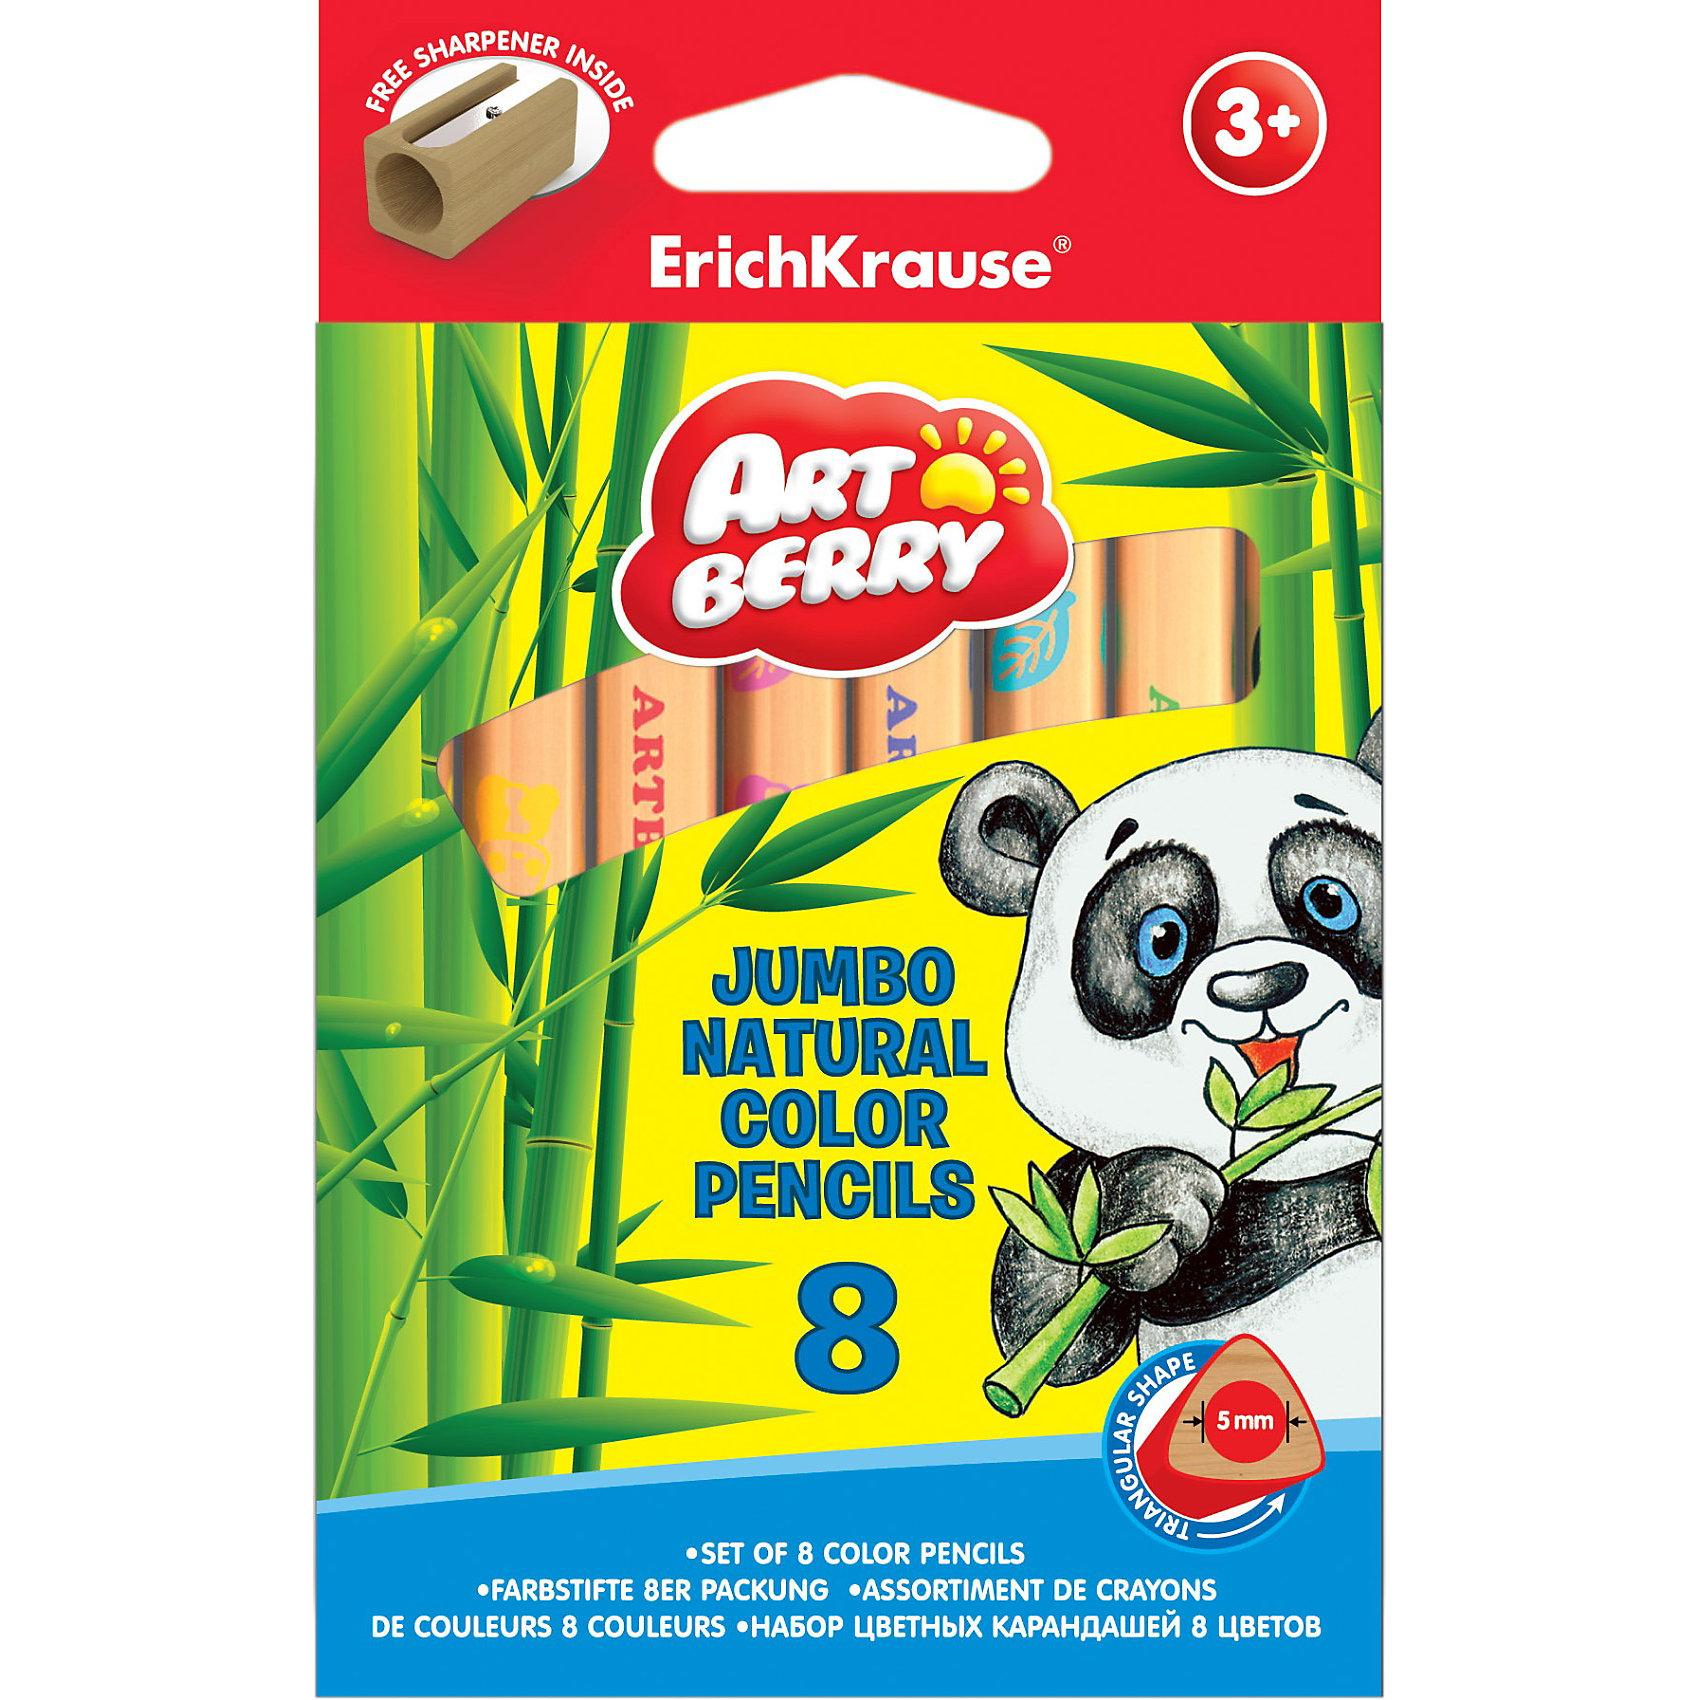 Цветные карандаши, 8цв., треугольн., с точилкой. Artberry nature JumboРисование<br>Набор цветных карандашей треугольного сечения  Erich Krause (Эрих Краузе) Artberry nature Jumbo. 8 цветов.<br>Карандаши отличаются яркими цветами, имеют прочный неломающийся грифель и легко затачиваются.<br><br>Дополнительная информация:<br><br>- в наборе: деревянная точилка<br>- грифель диаметром 5.0мм<br>- корпус треугольный<br><br>Цветные карандаши, 8цв., треугольн., с точилкой. Artberry nature Jumbo Erich Krause (Эрих Краузе) можно купить в нашем магазине.<br><br>Ширина мм: 150<br>Глубина мм: 95<br>Высота мм: 15<br>Вес г: 109<br>Возраст от месяцев: 36<br>Возраст до месяцев: 72<br>Пол: Унисекс<br>Возраст: Детский<br>SKU: 3525226